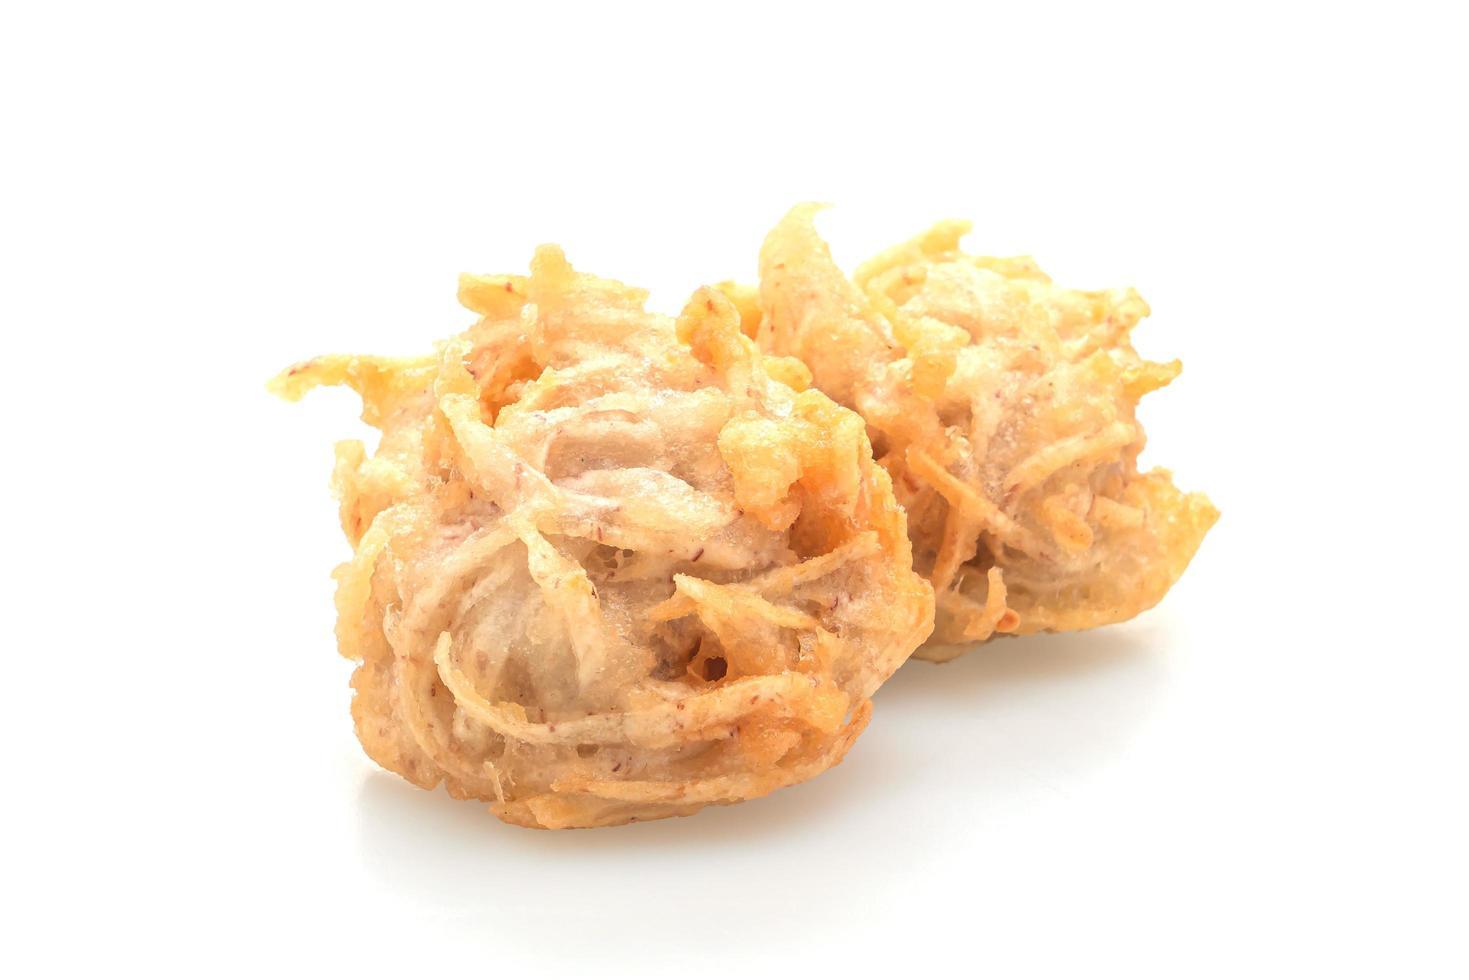 taro fritto isolato su sfondo bianco - stile alimentare vegano e vegetariano foto